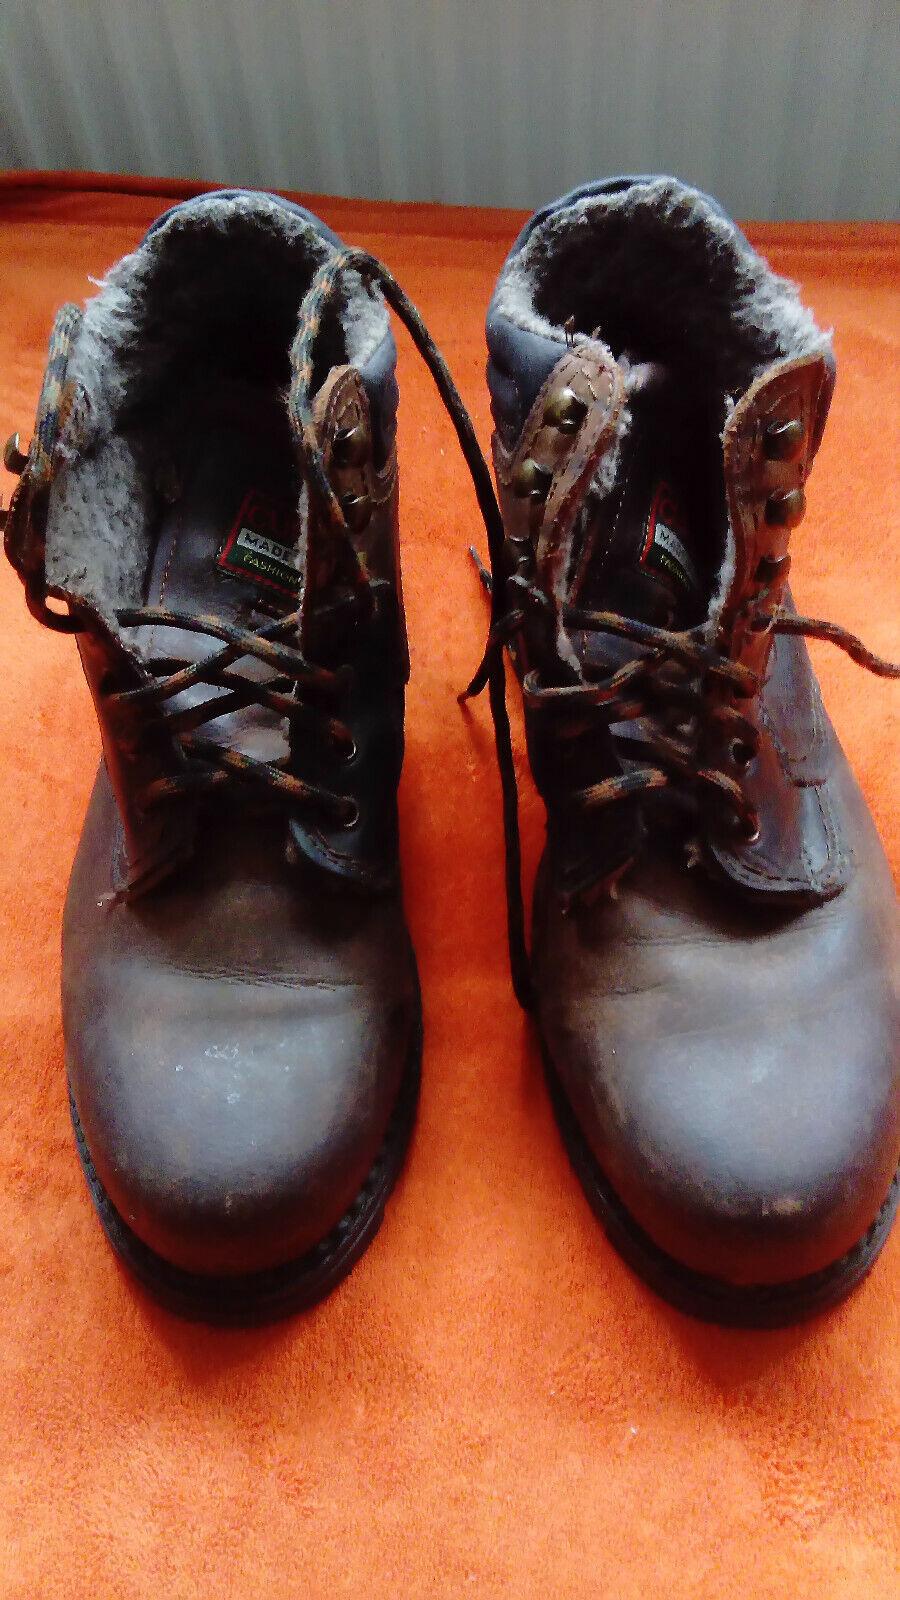 Cursor Stiefel Wanderschuhe MADE IN ITALY Aus dem Urlaub mitgebracht NEU Gr. 43